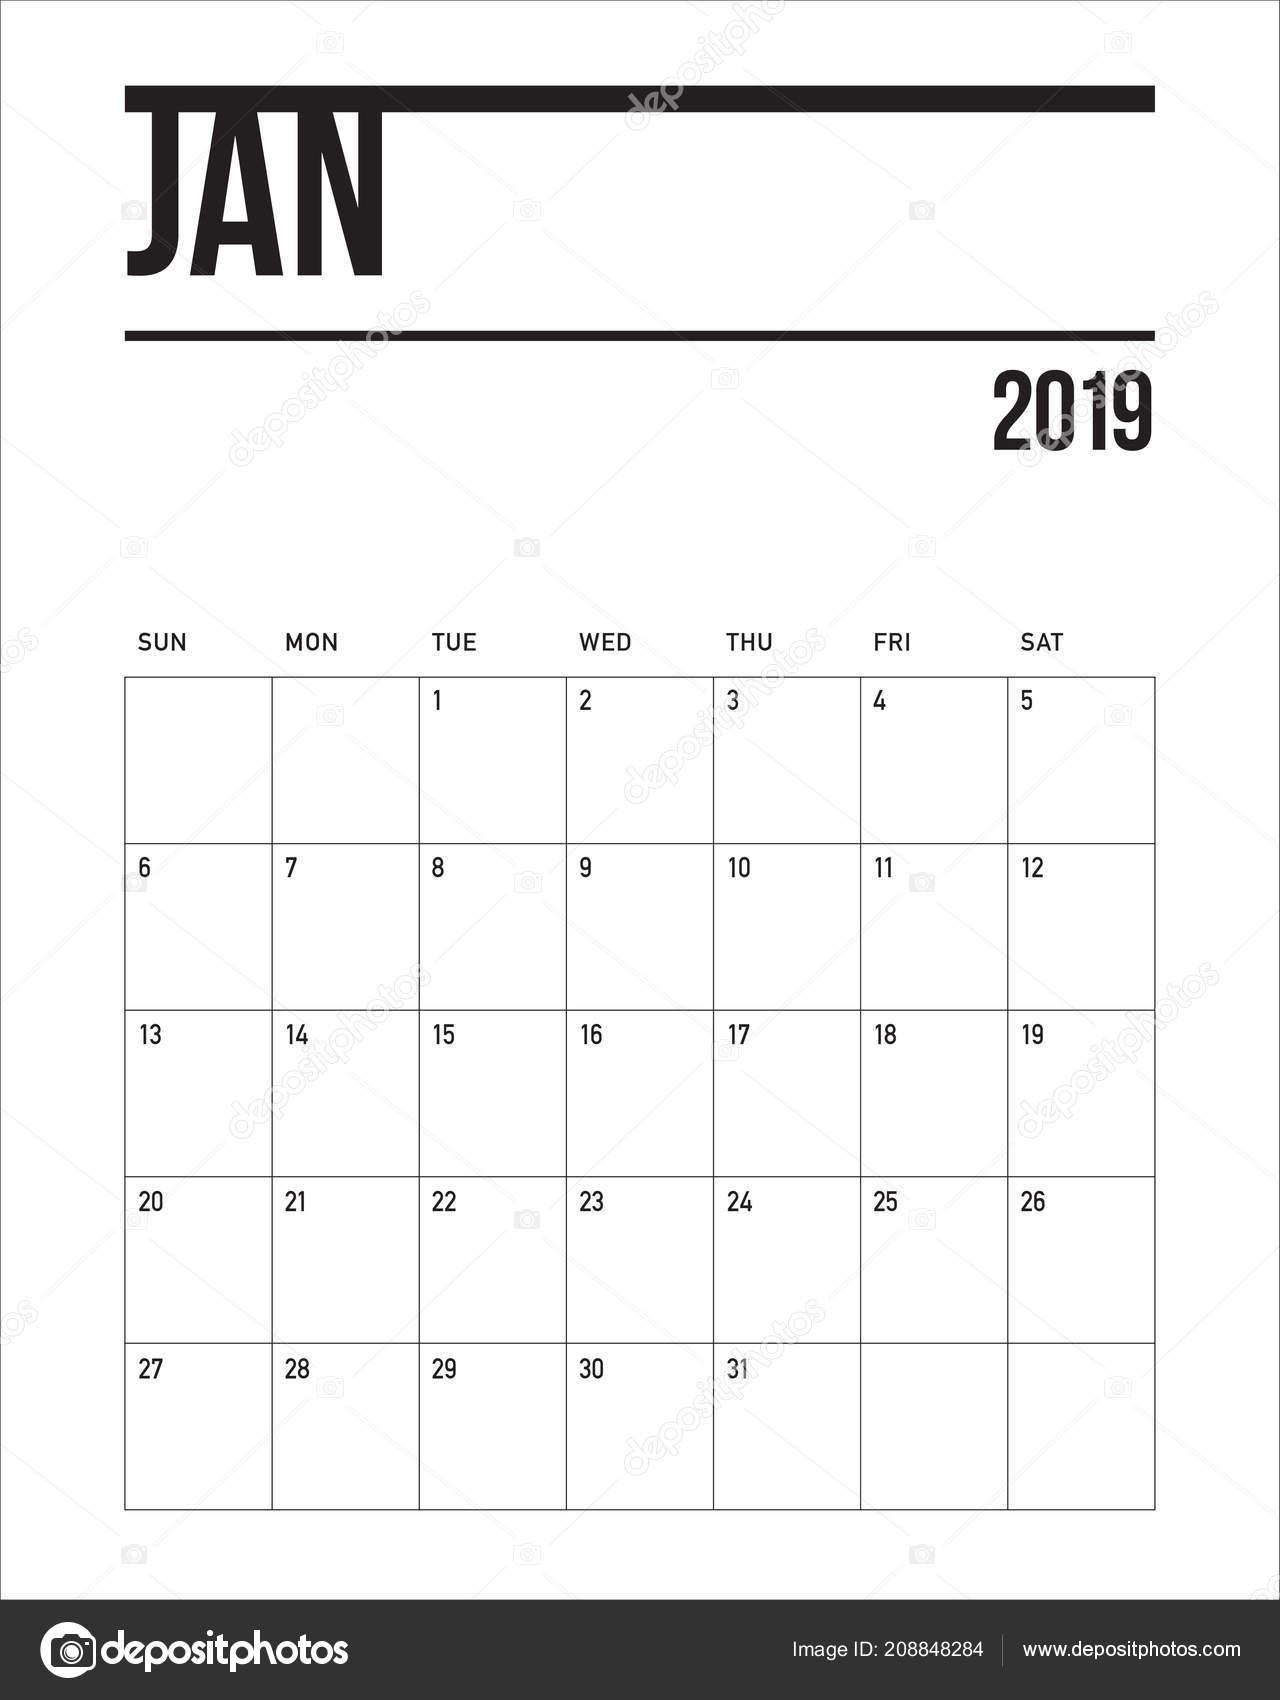 januar 2019 schreibtisch kalender vektor illustration. Black Bedroom Furniture Sets. Home Design Ideas